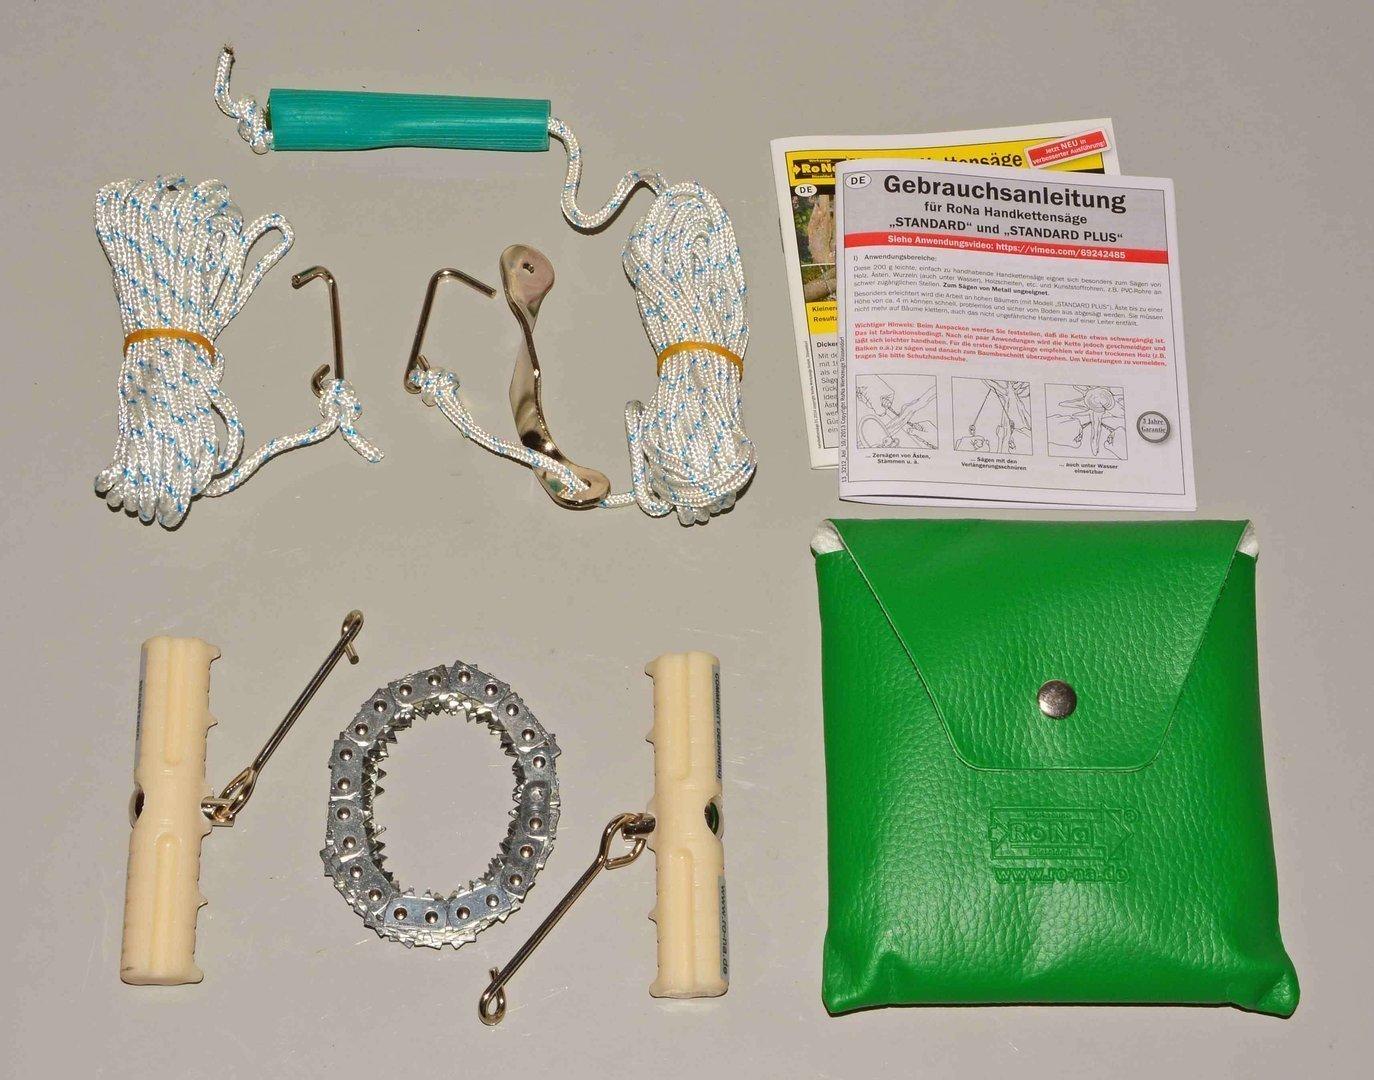 Handkettensäge mit verchromter Kette, Ausführung extra